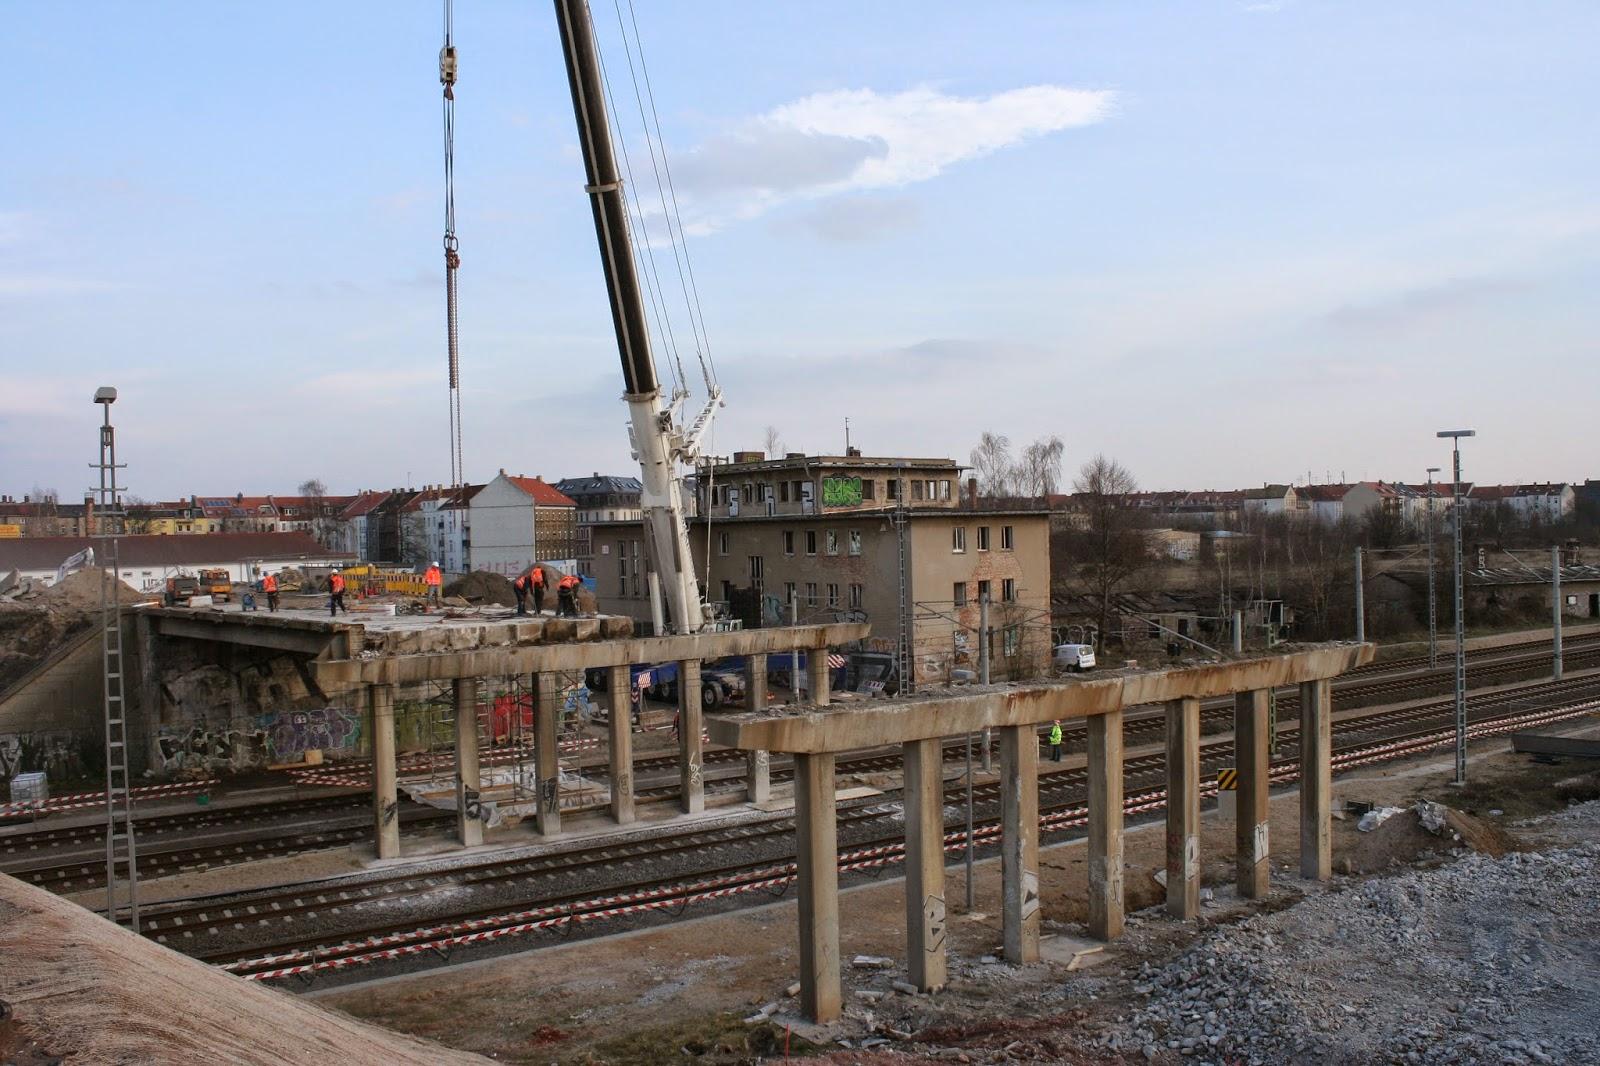 Die Brücke am 16. März 2015 - mehrere Teile über den Bahnschienen sind schon abgehoben - das letzte Teilstück wird gerade für den Kran vorbereitet